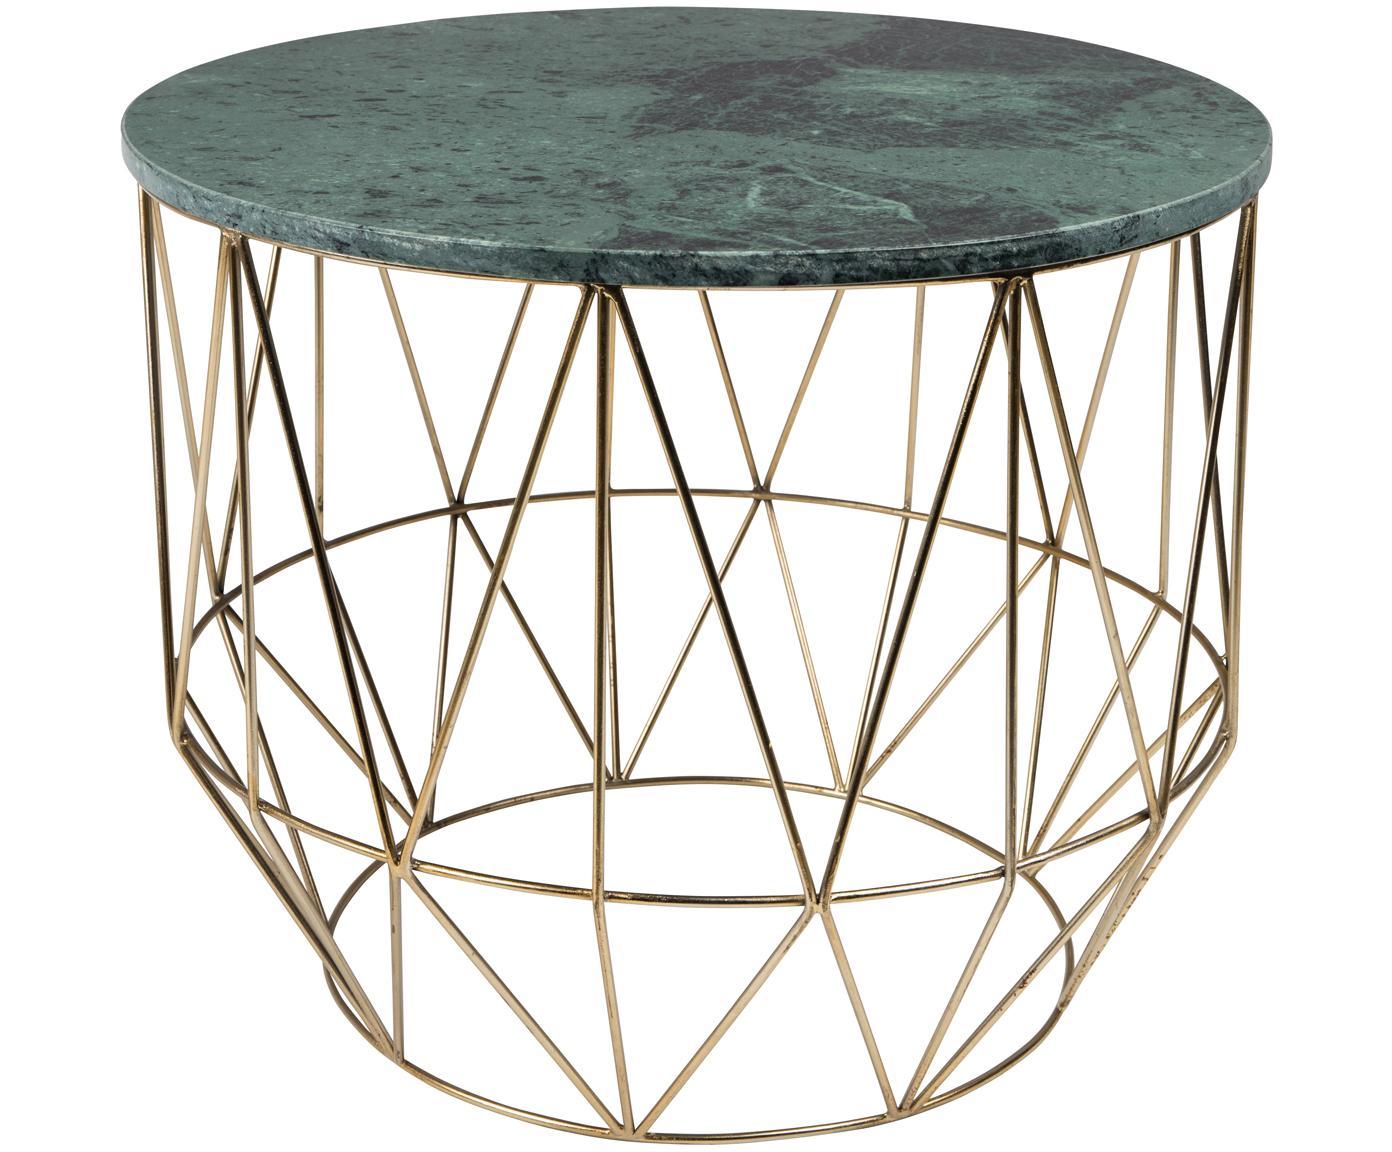 Tavolino rotondo in marmo Boss, Piano d'appoggio: marmo, Struttura: metallo ottonato, Piano d'appoggio: verde marmorizzato Gambe: ottone, Ø 51 x Alt. 42 cm